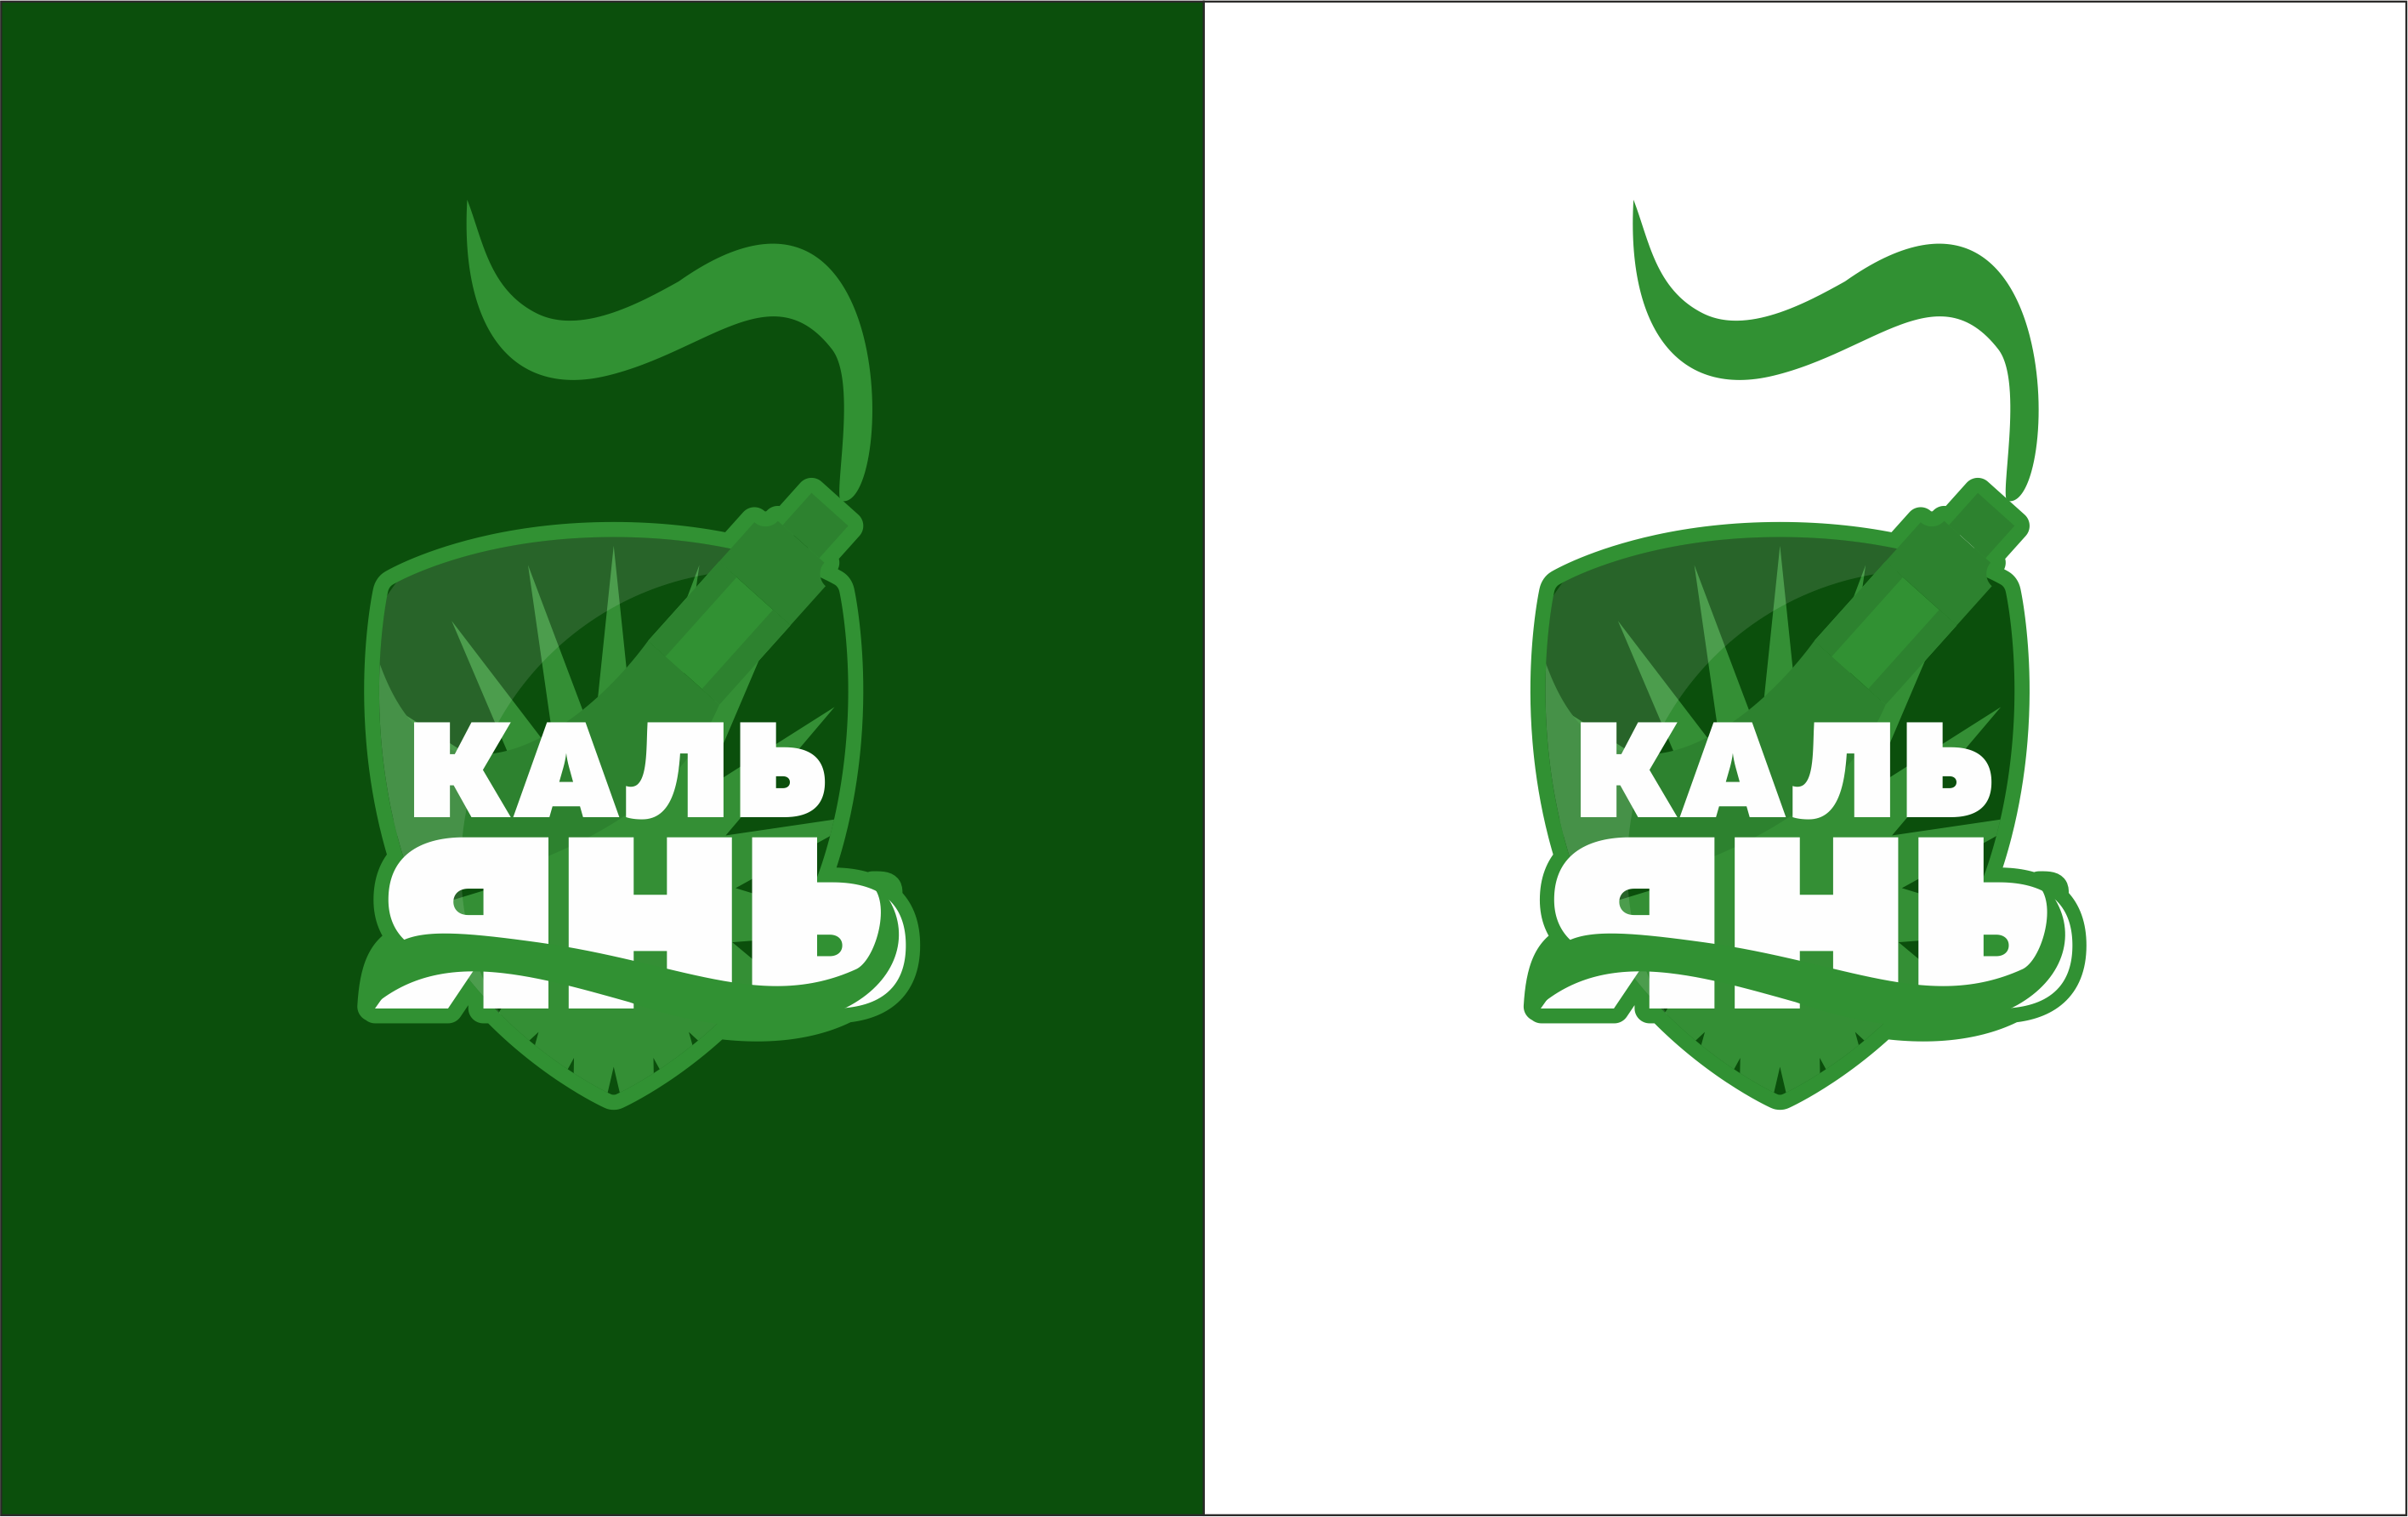 Разработать логотип кальянной с названием фото f_7185785f503f07a4.png